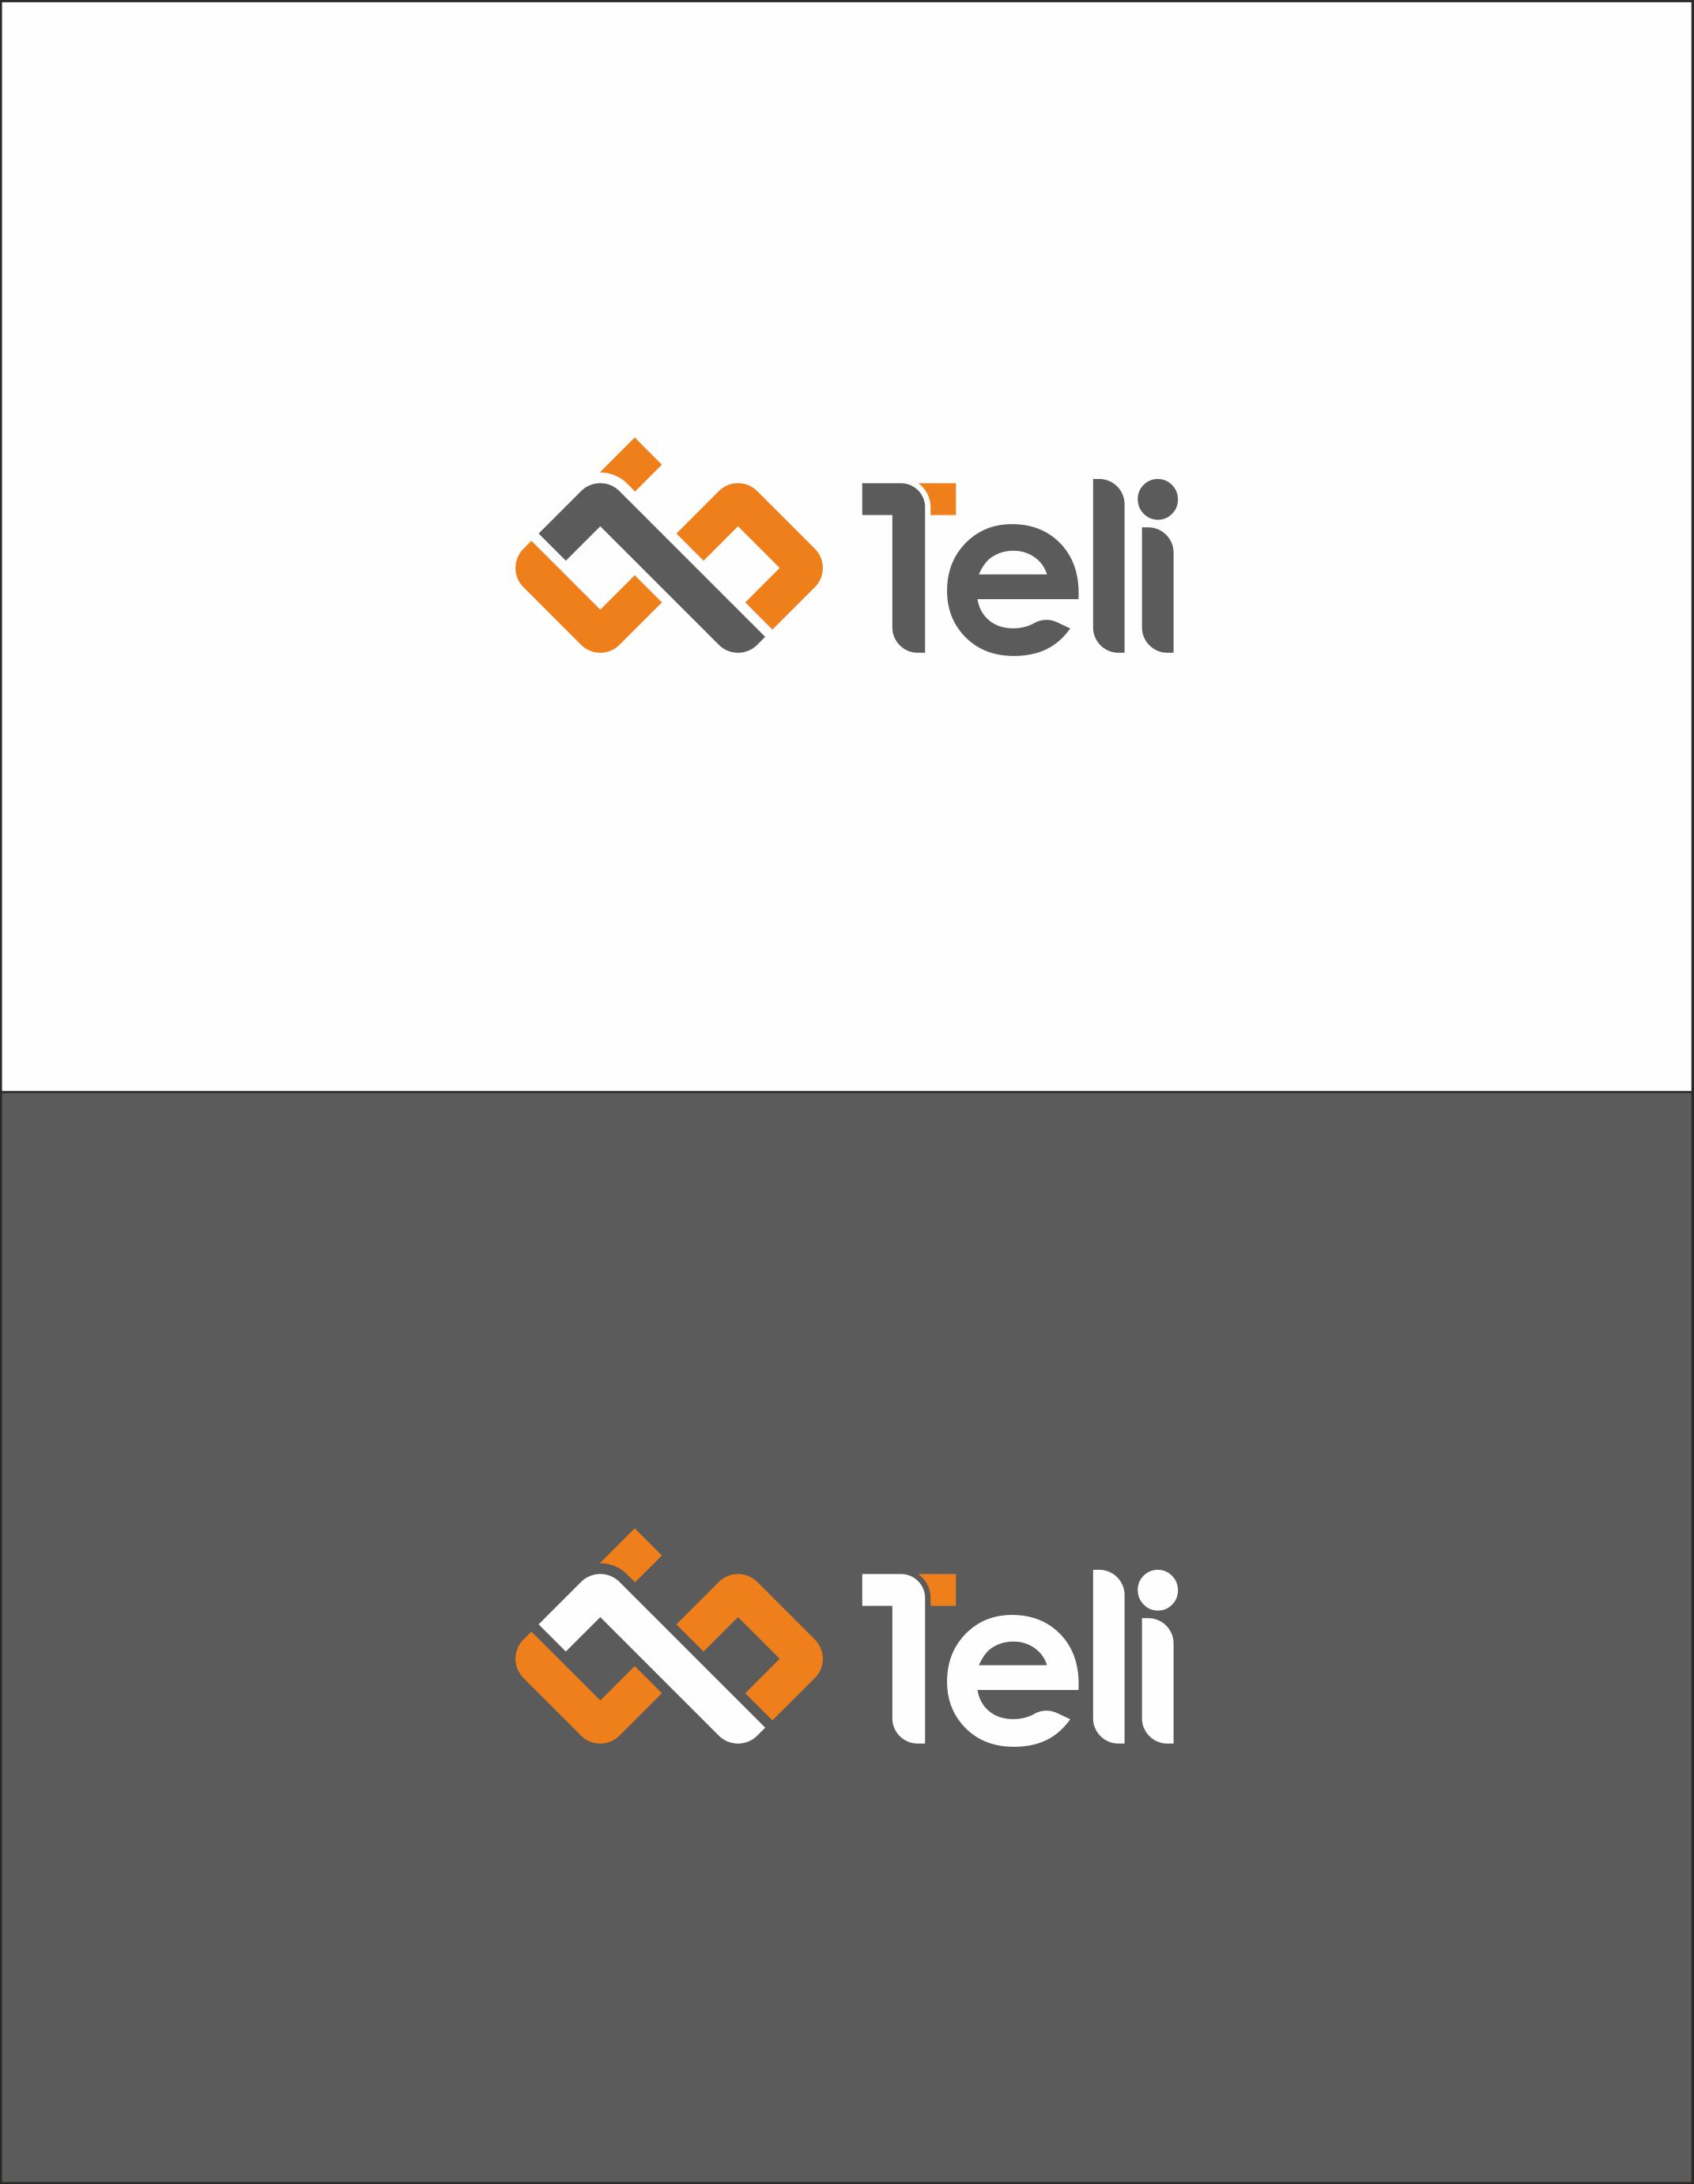 Разработка логотипа и фирменного стиля фото f_80458ff3a9322f24.png